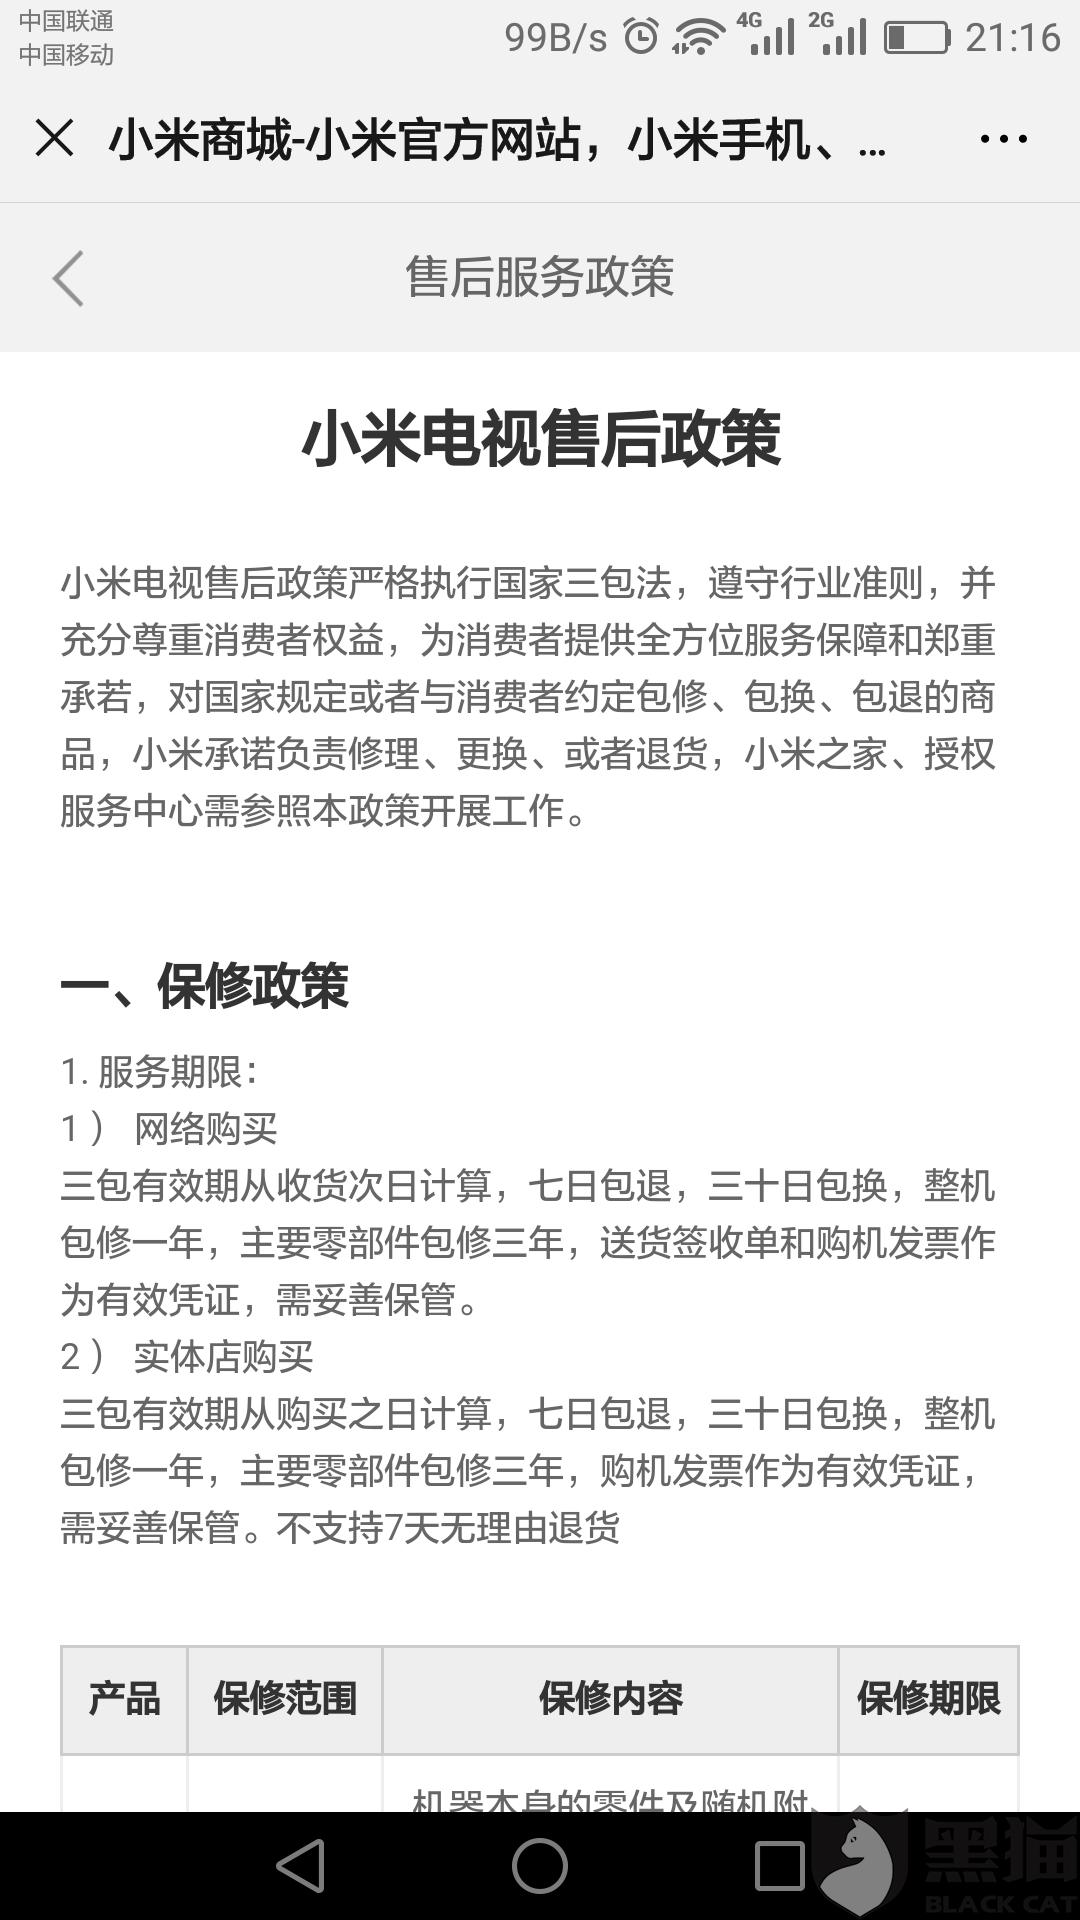 黑猫投诉:投诉天猫小米旗舰店和小米科技有限责任公司